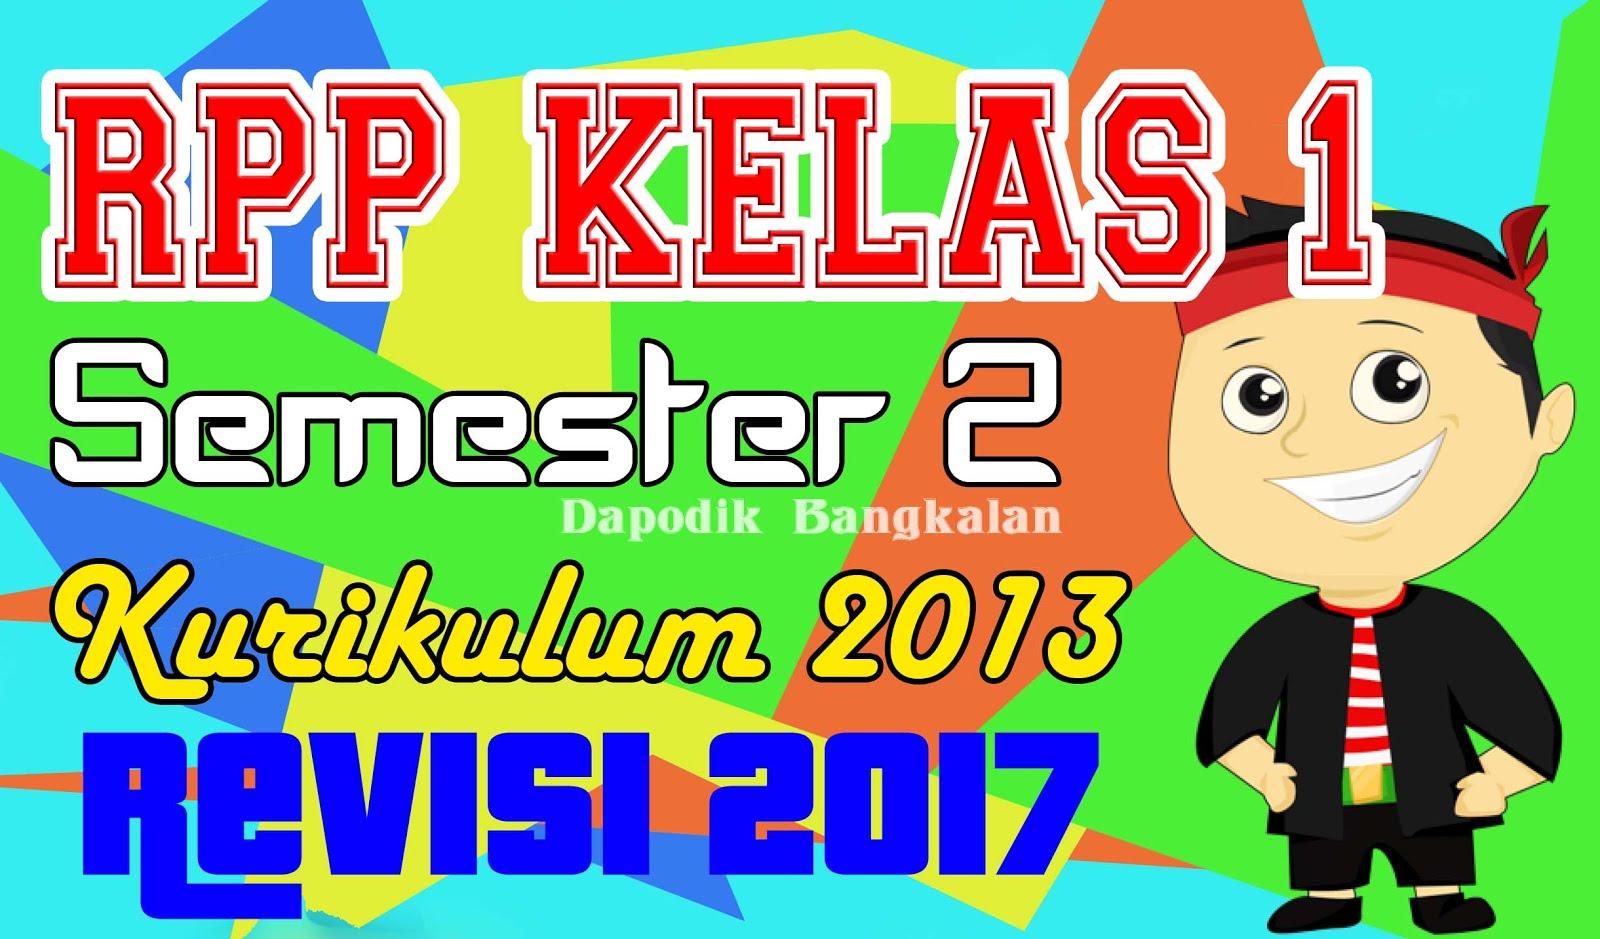 Rpp Kelas 1 Semester 2 Kurikulum 2013 Revisi 2017 Lengkap